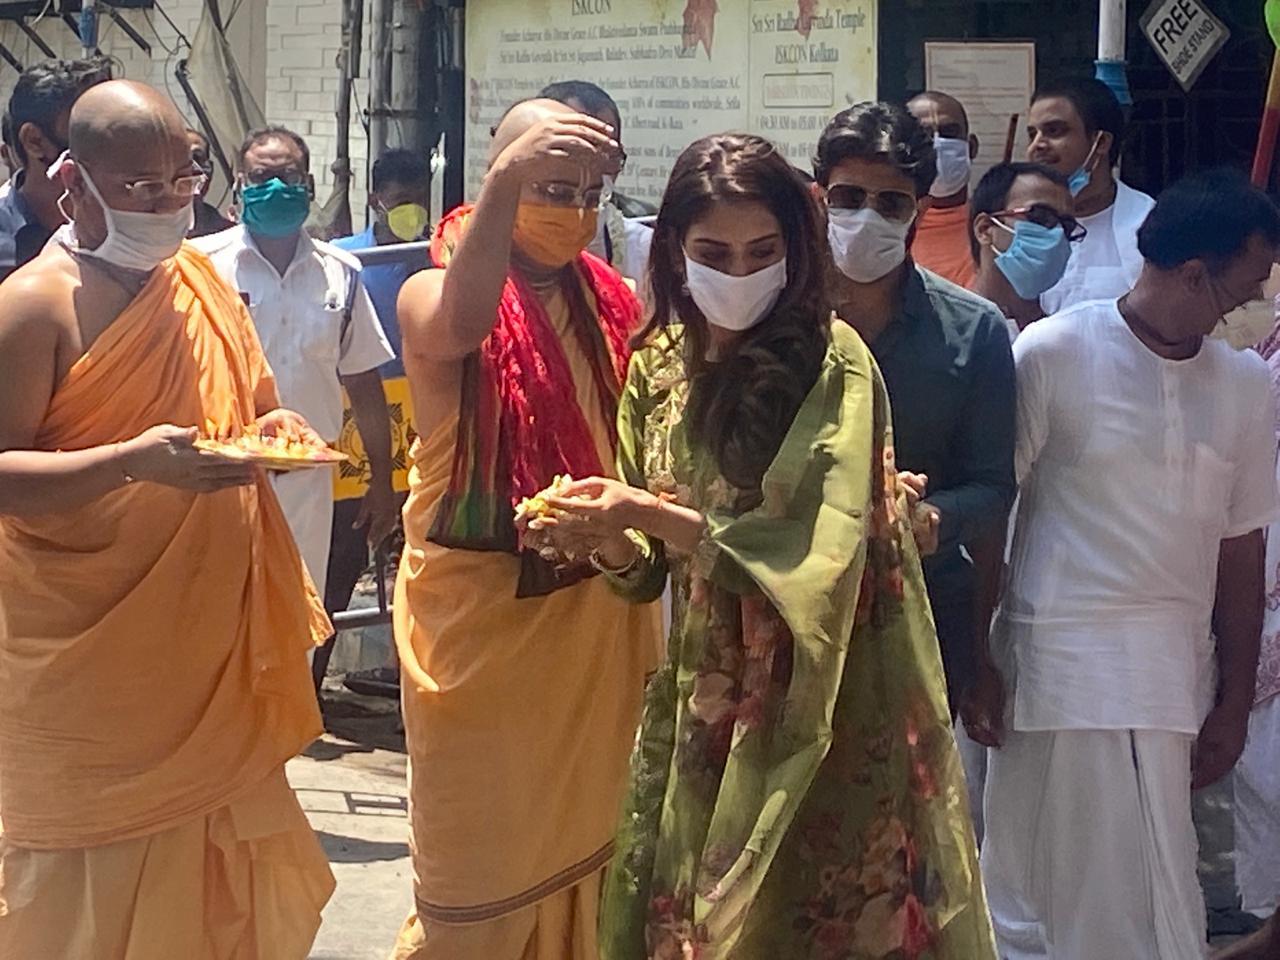 কলকাতার ইসকনের রথযাত্রা উৎসবে শামিল তৃণমূল সাংসদ নুসরত জাহান